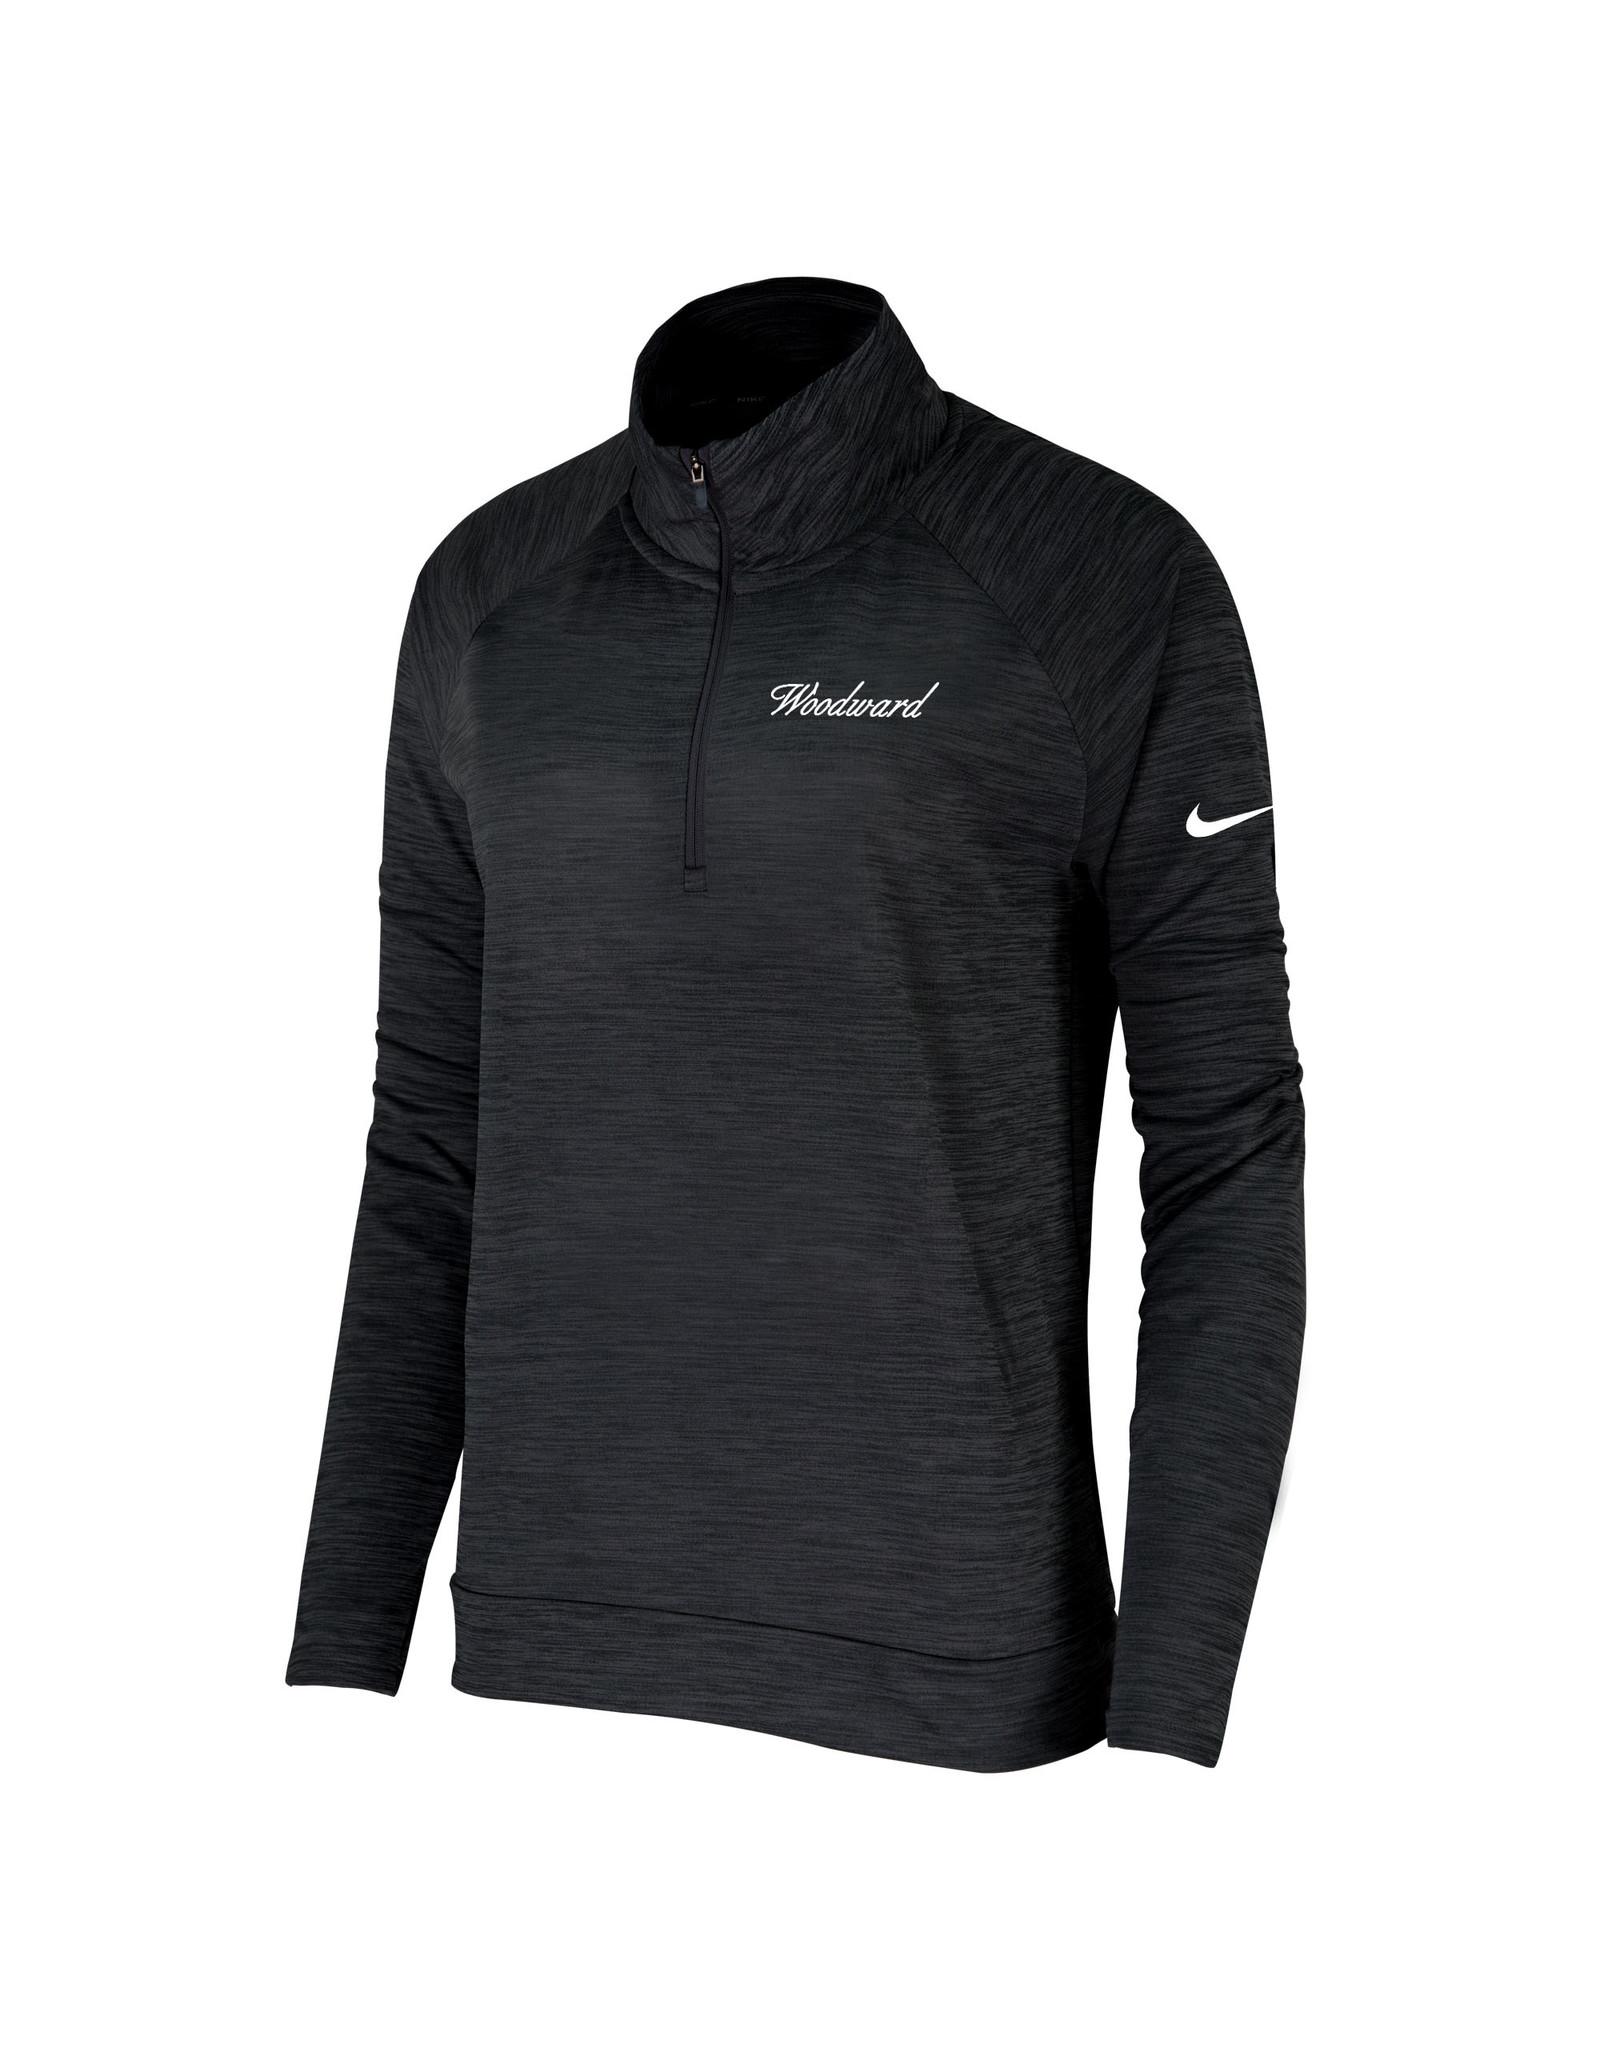 NIKE Ladies Dri-Fit Pacer 1/4 Zip Pullover in Black by NIKE